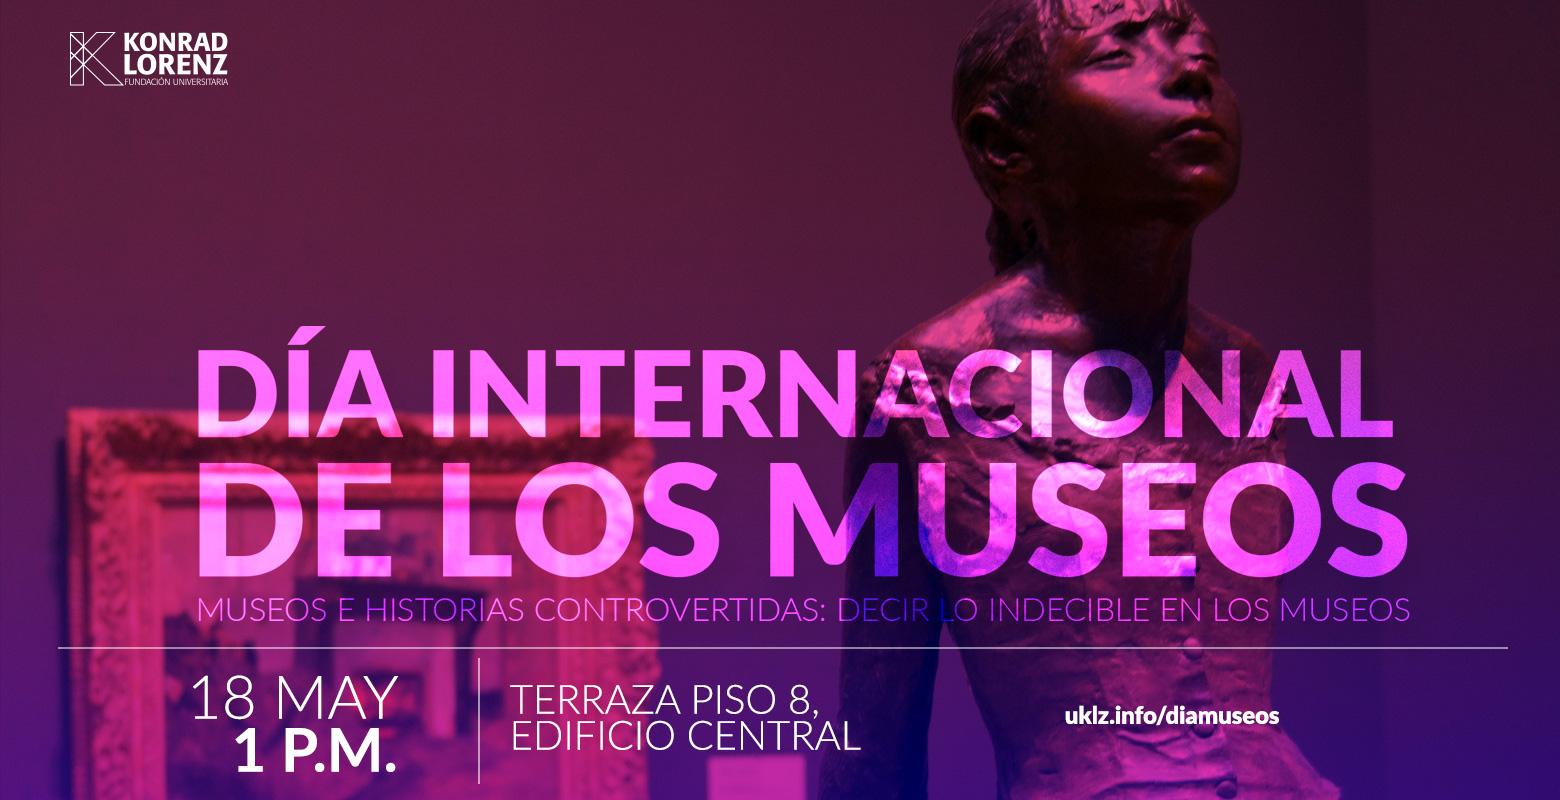 Día internacional de los museos 2017